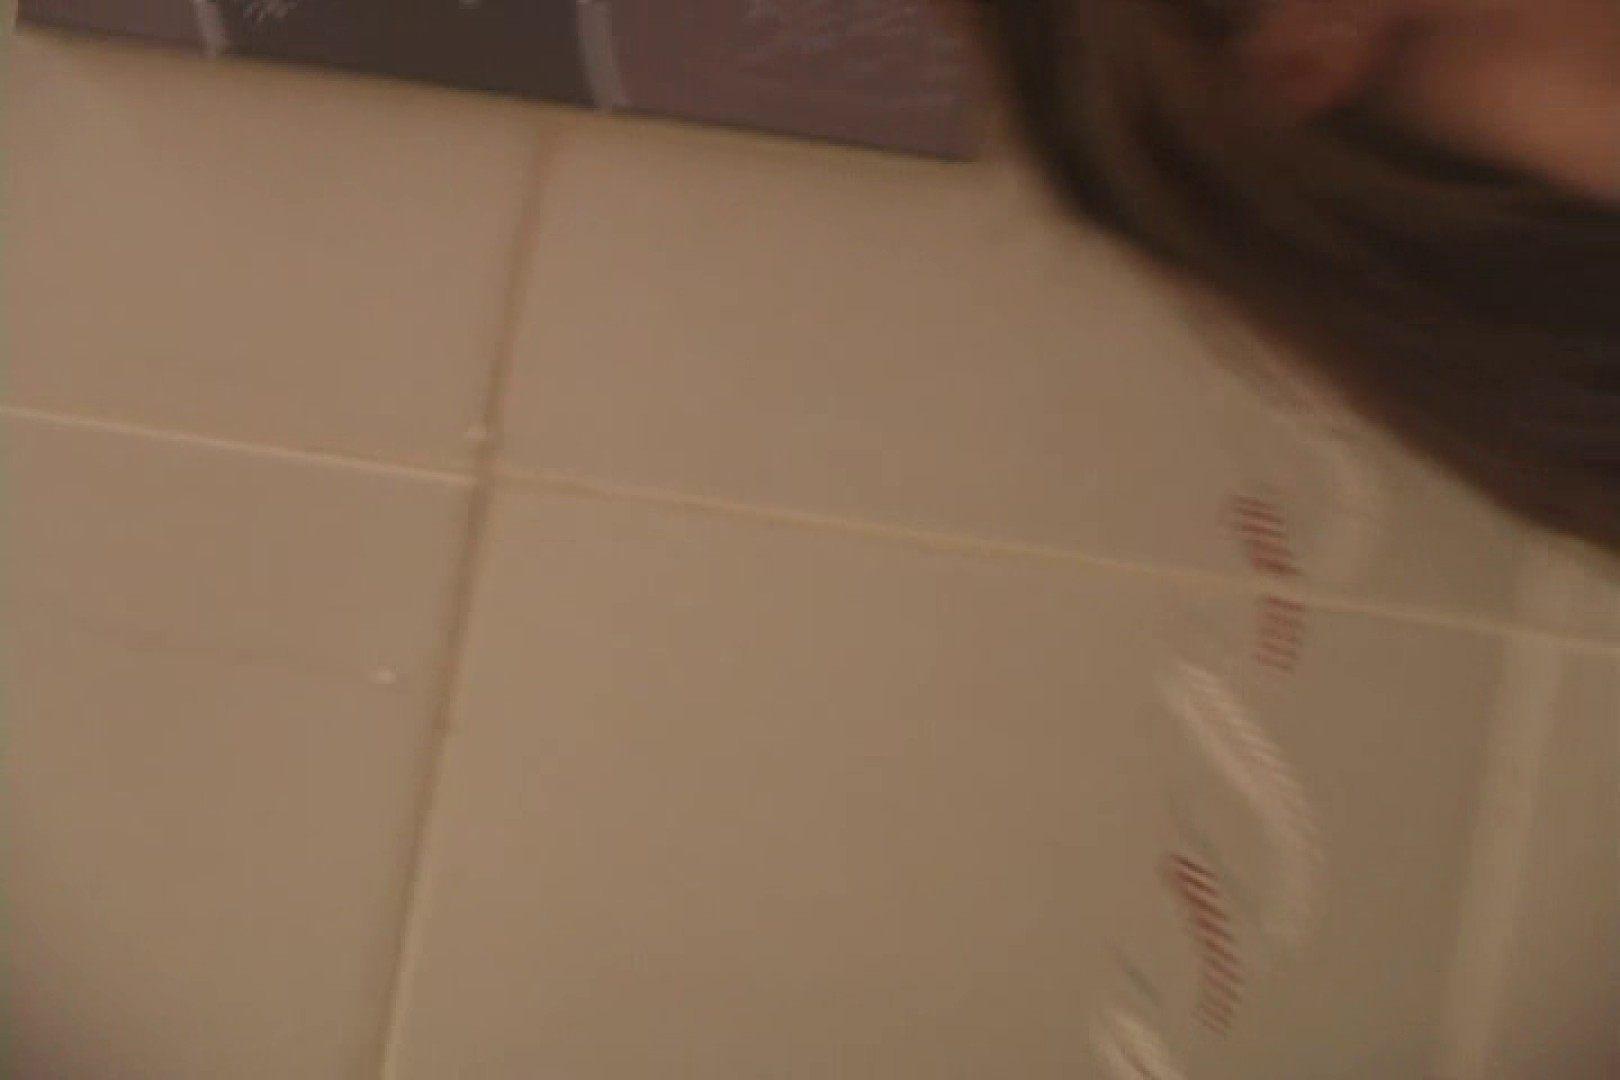 淫乱人妻に癒しを求める若い彼~川口早苗~ 熟女 | 手マン  84枚 71